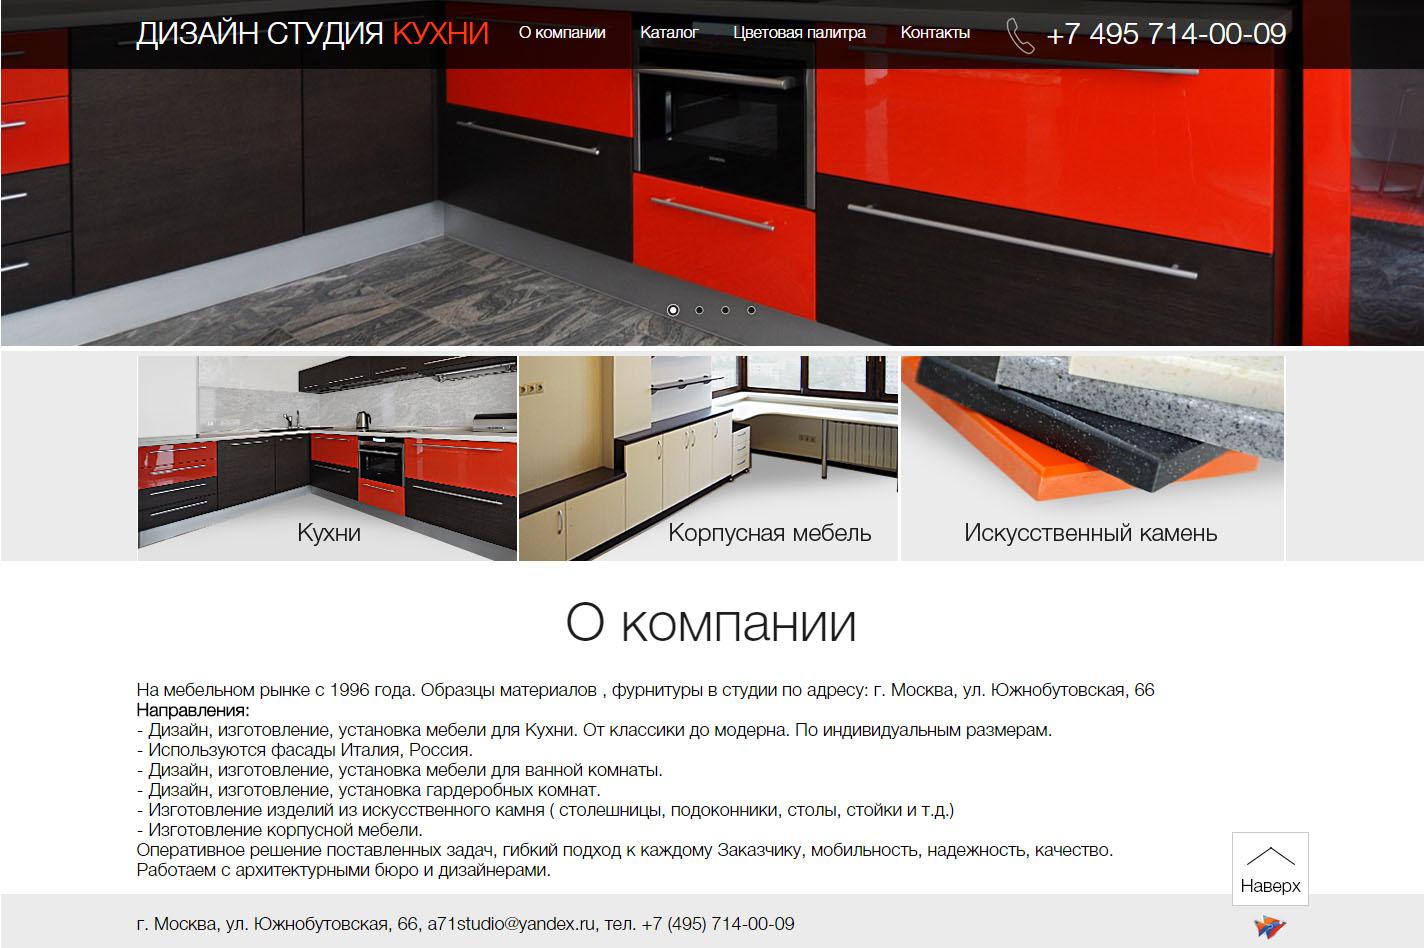 Создание сайта дизайн студии кухни